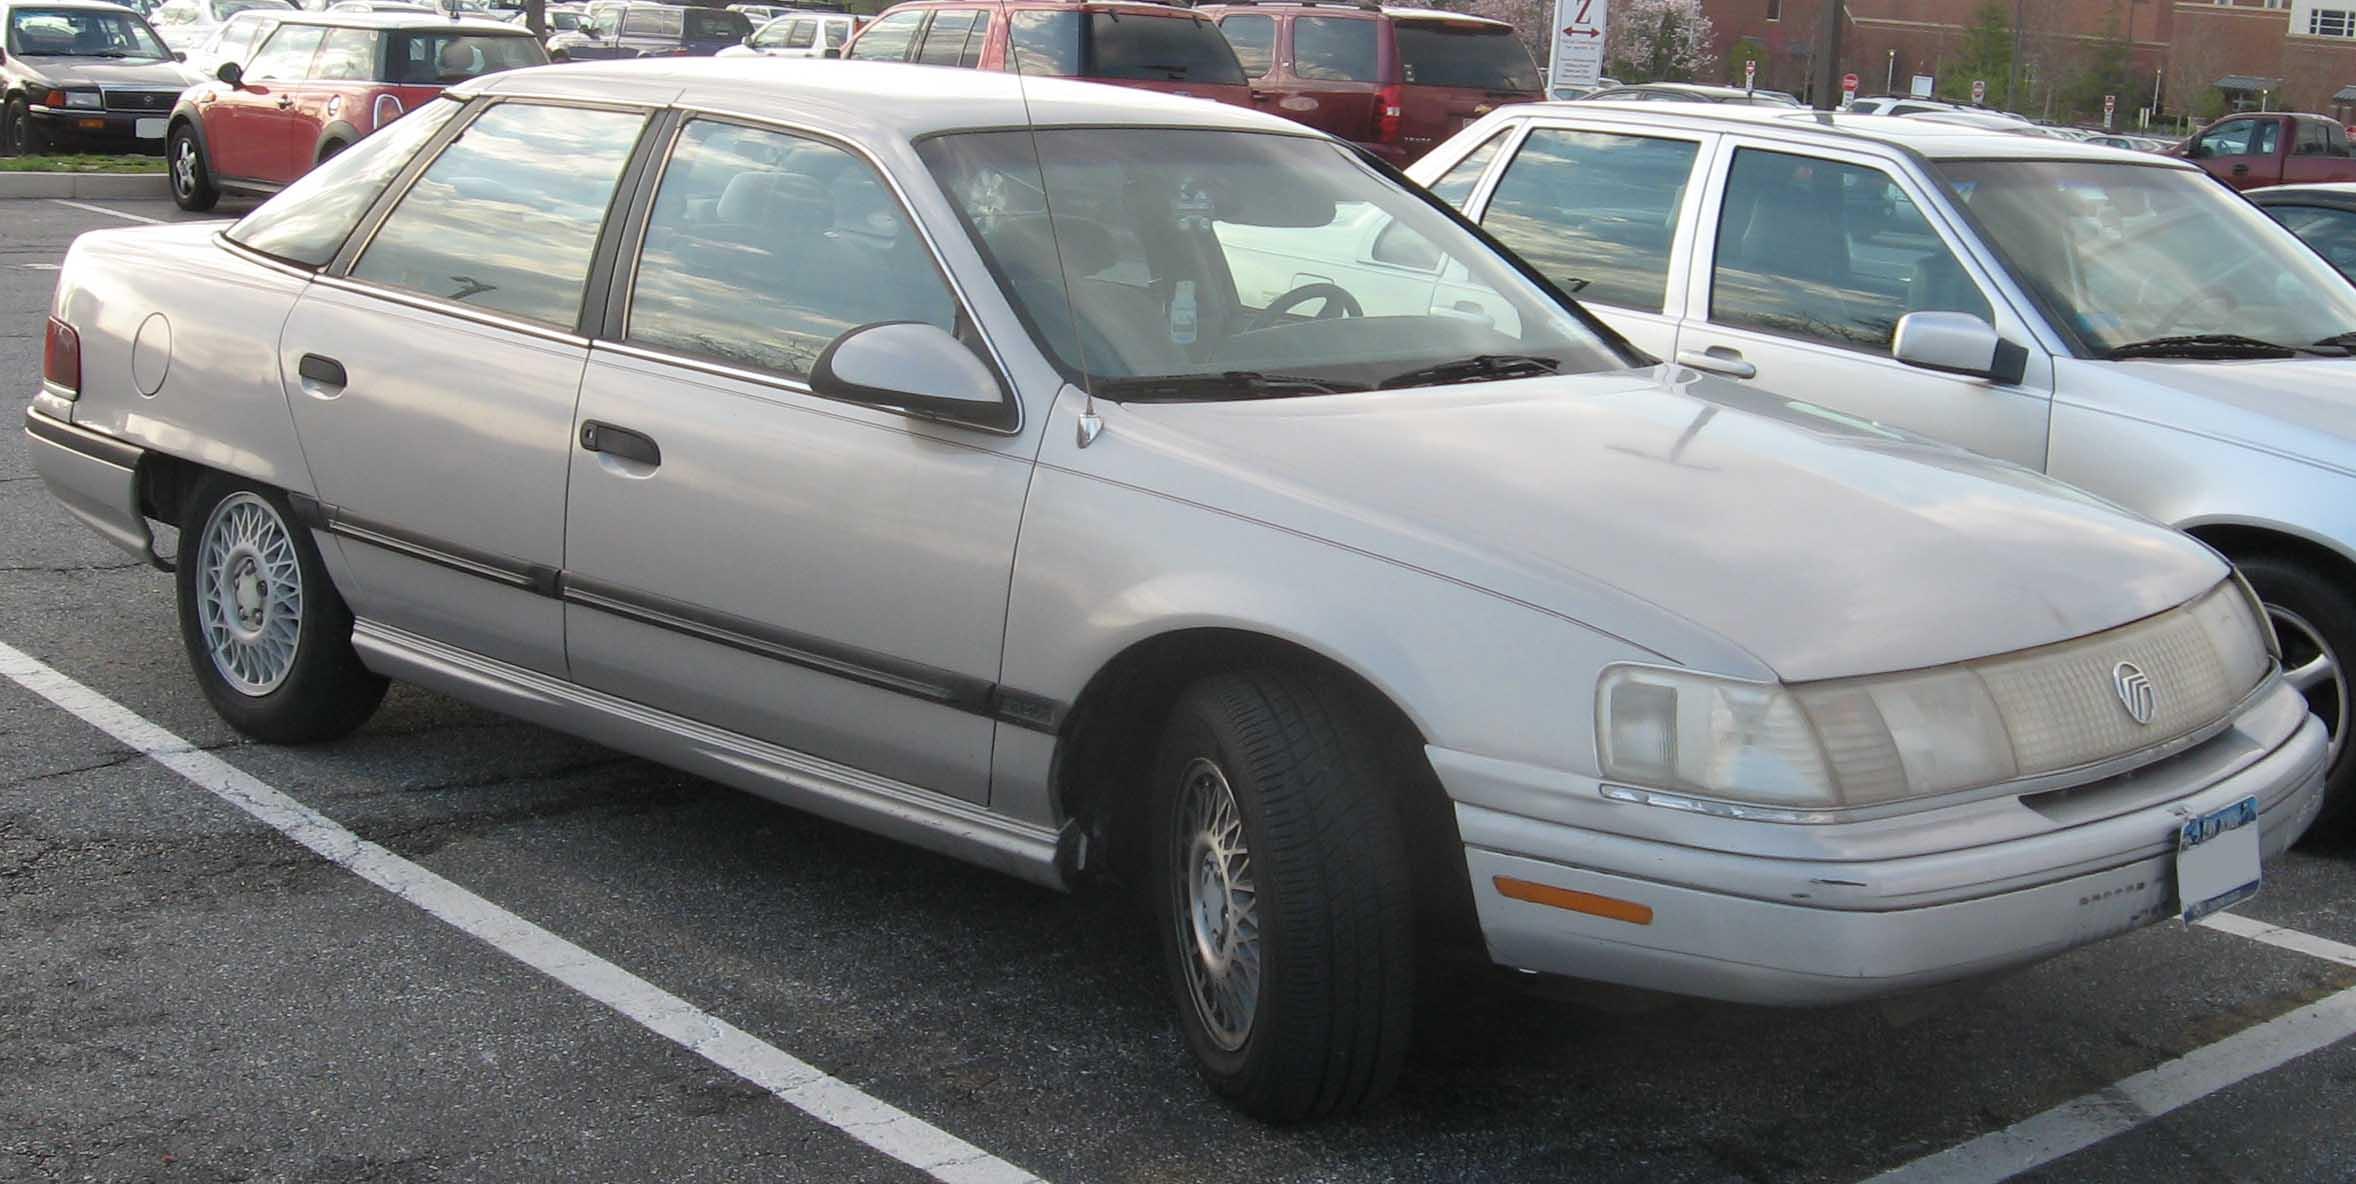 1990 Ford Taurus >> File:1st-Mercury-Sable-sedan.jpg - Wikimedia Commons